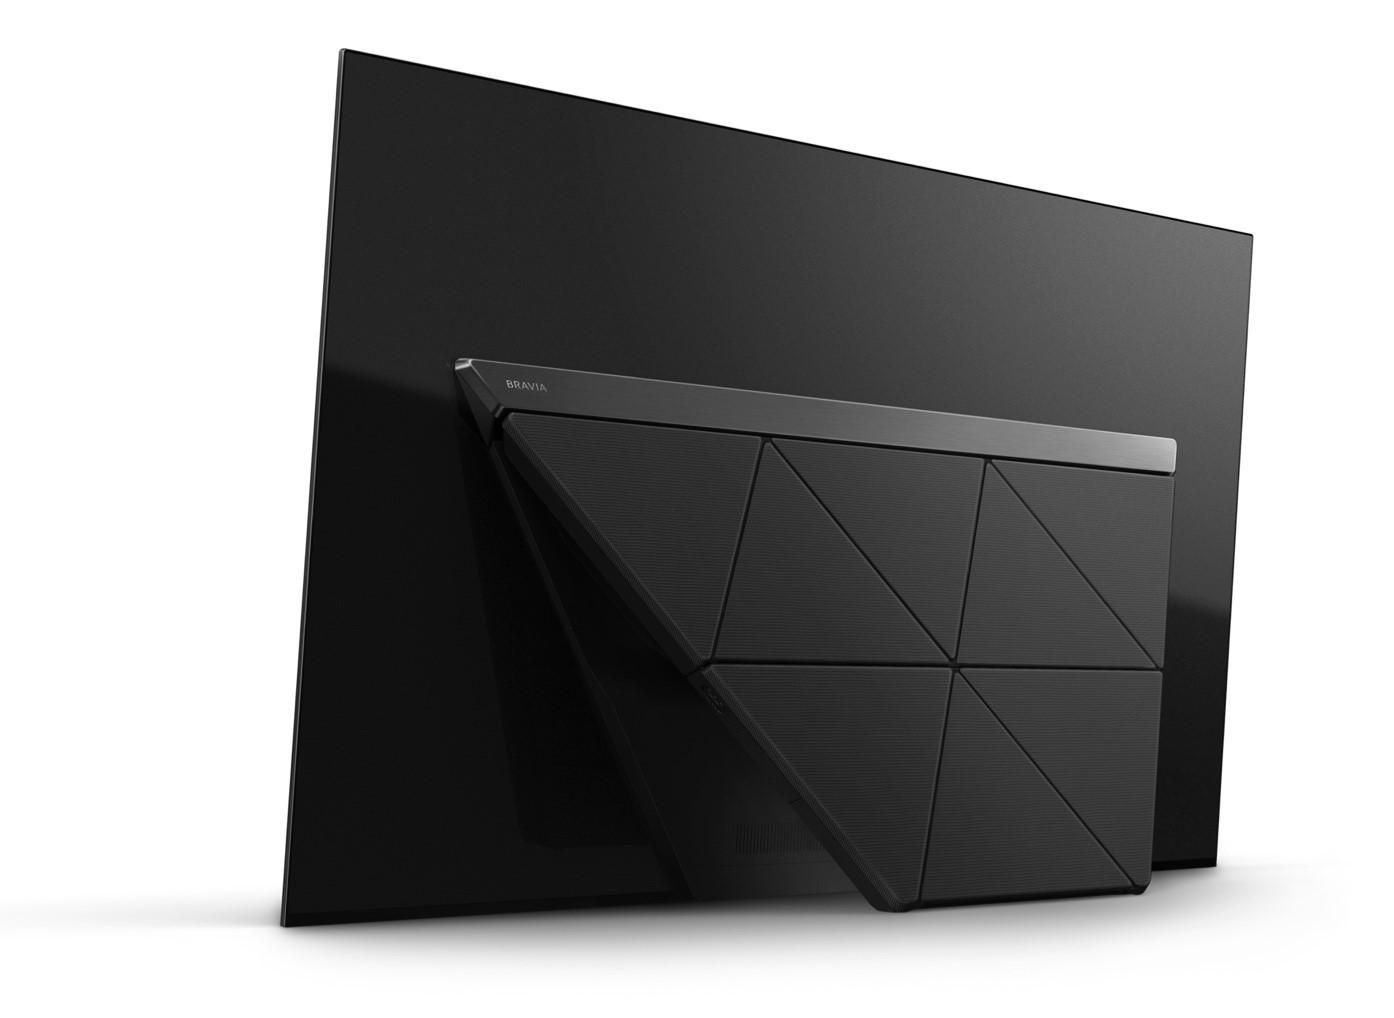 索尼發布最新旗艦電視a9f/z9f,浙江11選5定膽軟件:售價19999元起